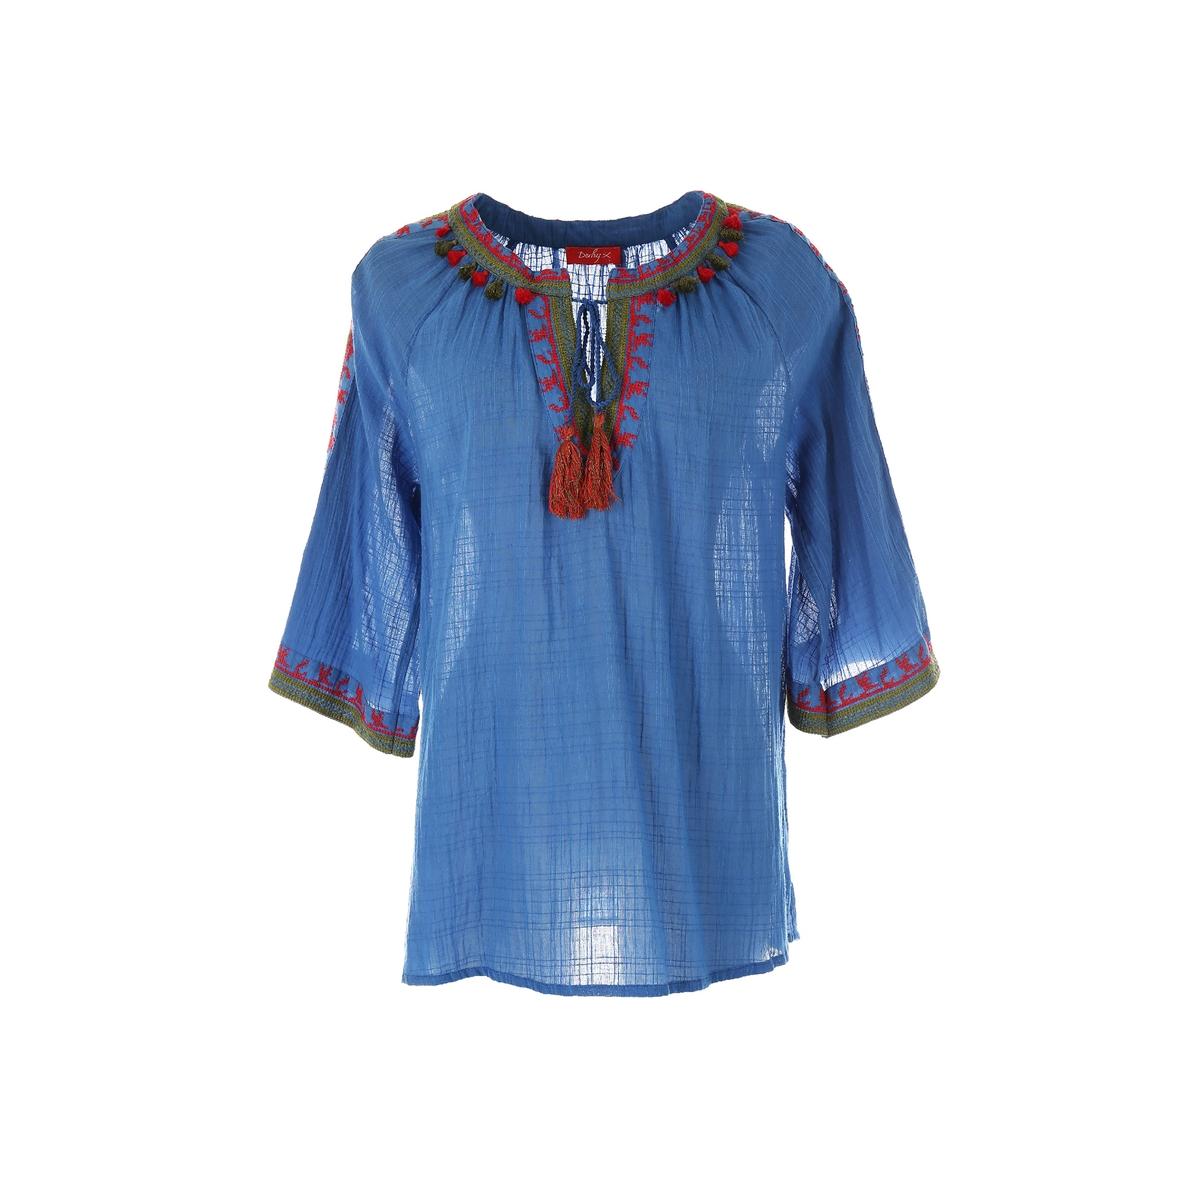 Блузка с рукавами 3/4 и вышивкойМатериал : 100% хлопок   Длина рукава : рукава 3/4 Форма воротника : круглый вырез Длина блузки: стандартная  Рисунок : однотонная модель Особенность материала : с вышивкой<br><br>Цвет: синий